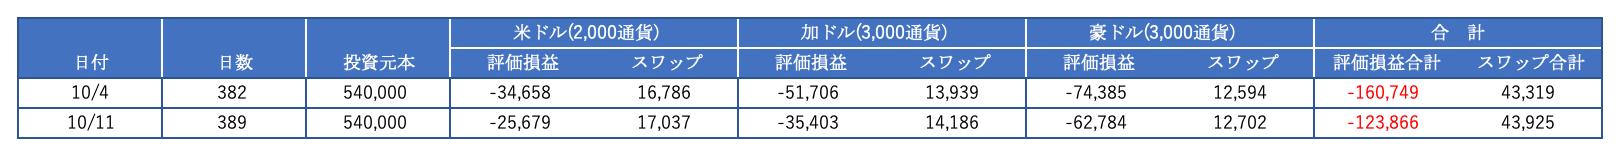 スワップ投資の実績(表)